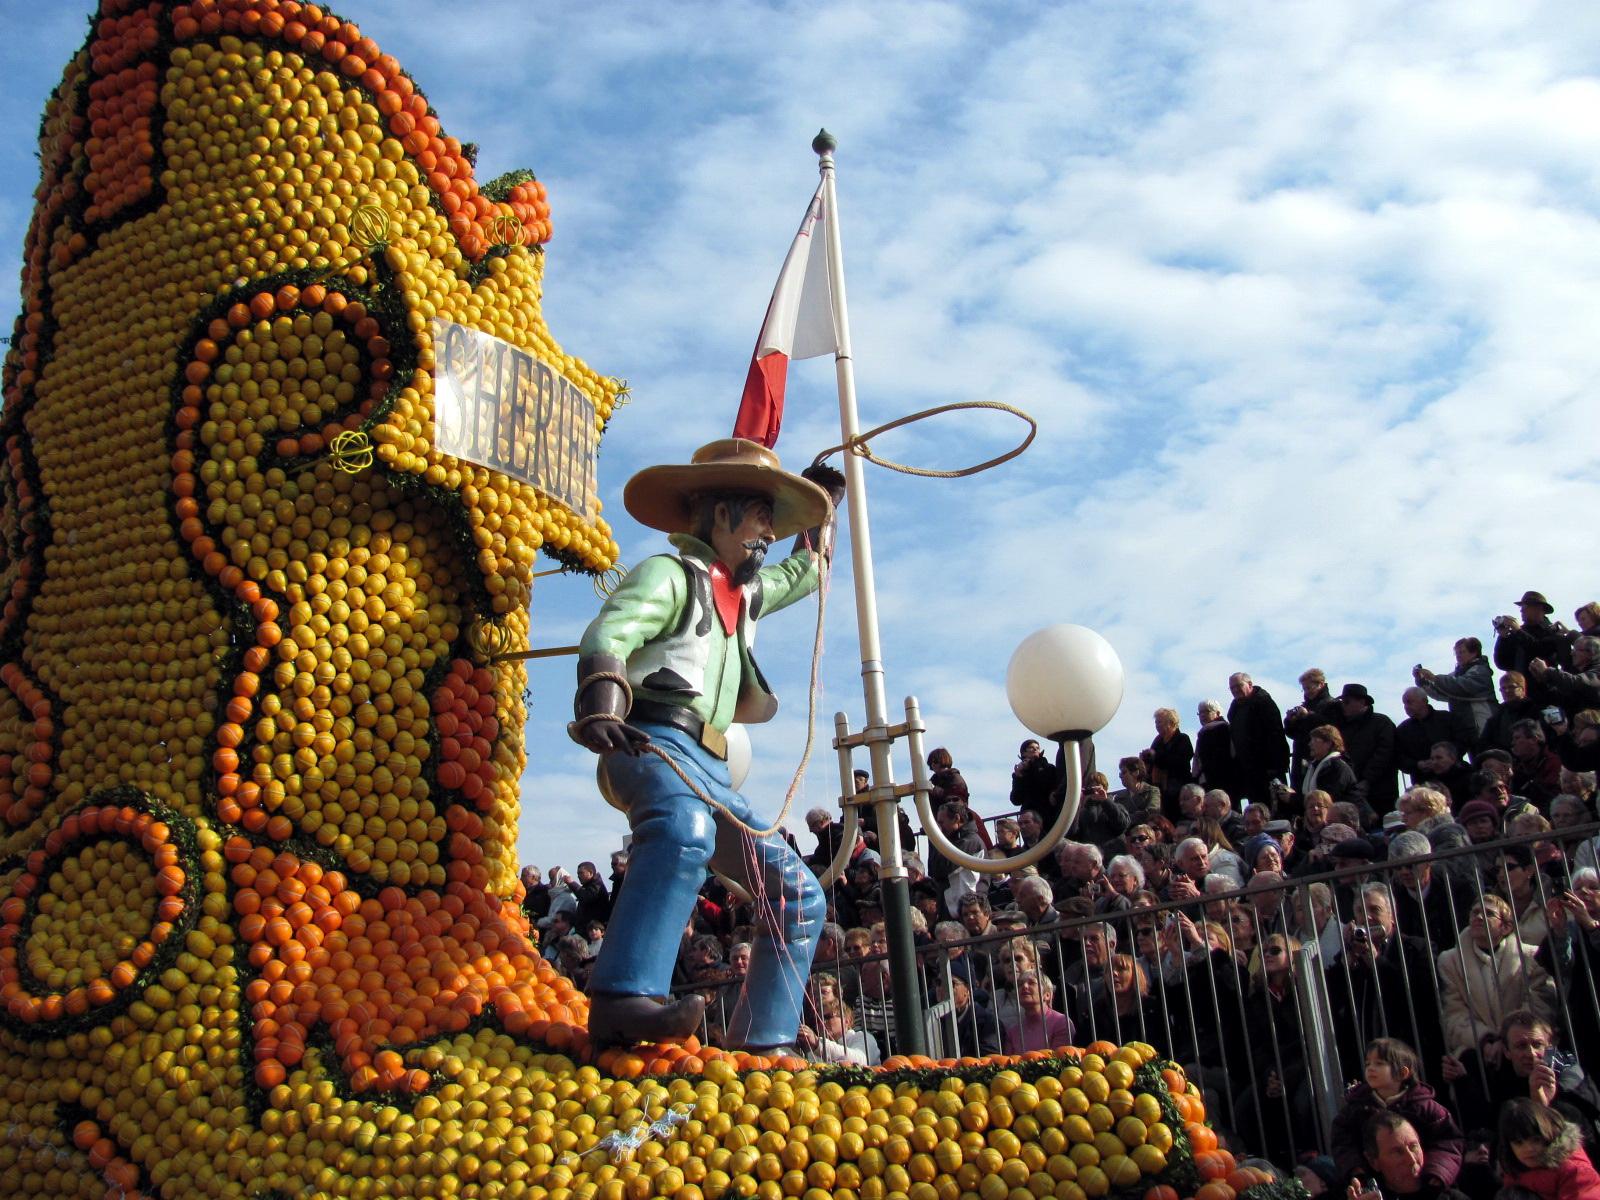 Праздник лимонов в Ментоне